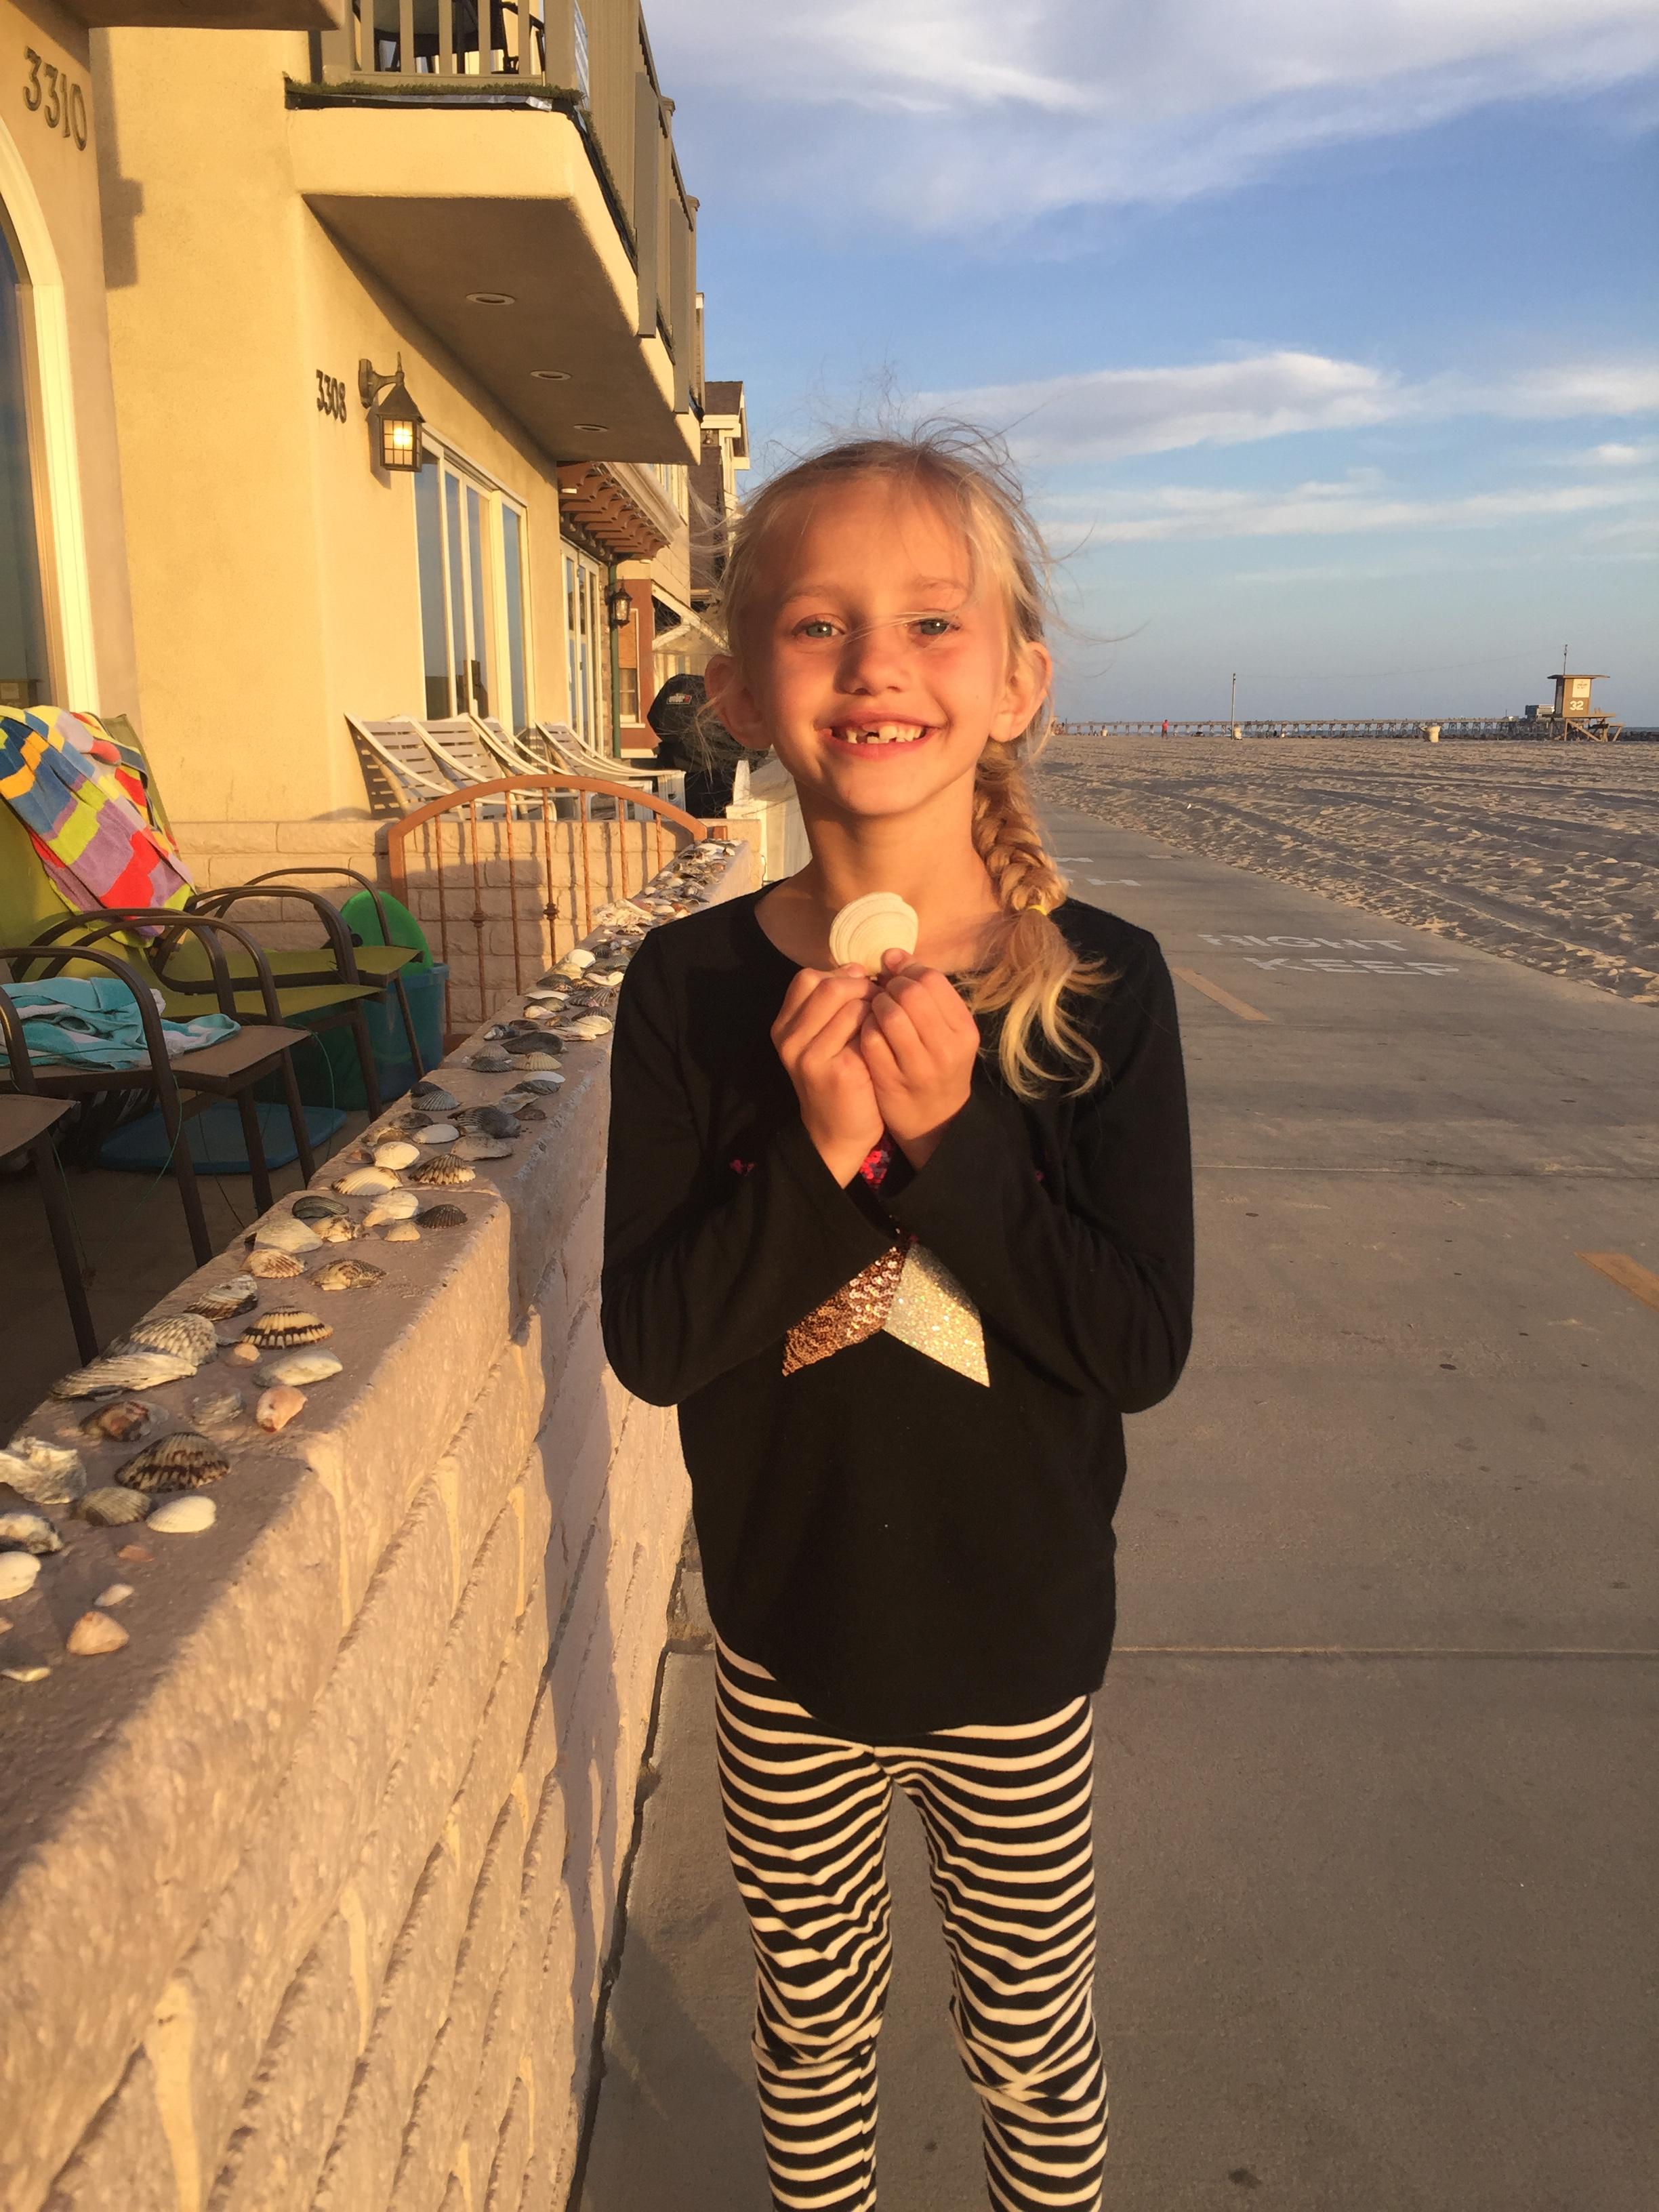 I bought a free sea shell